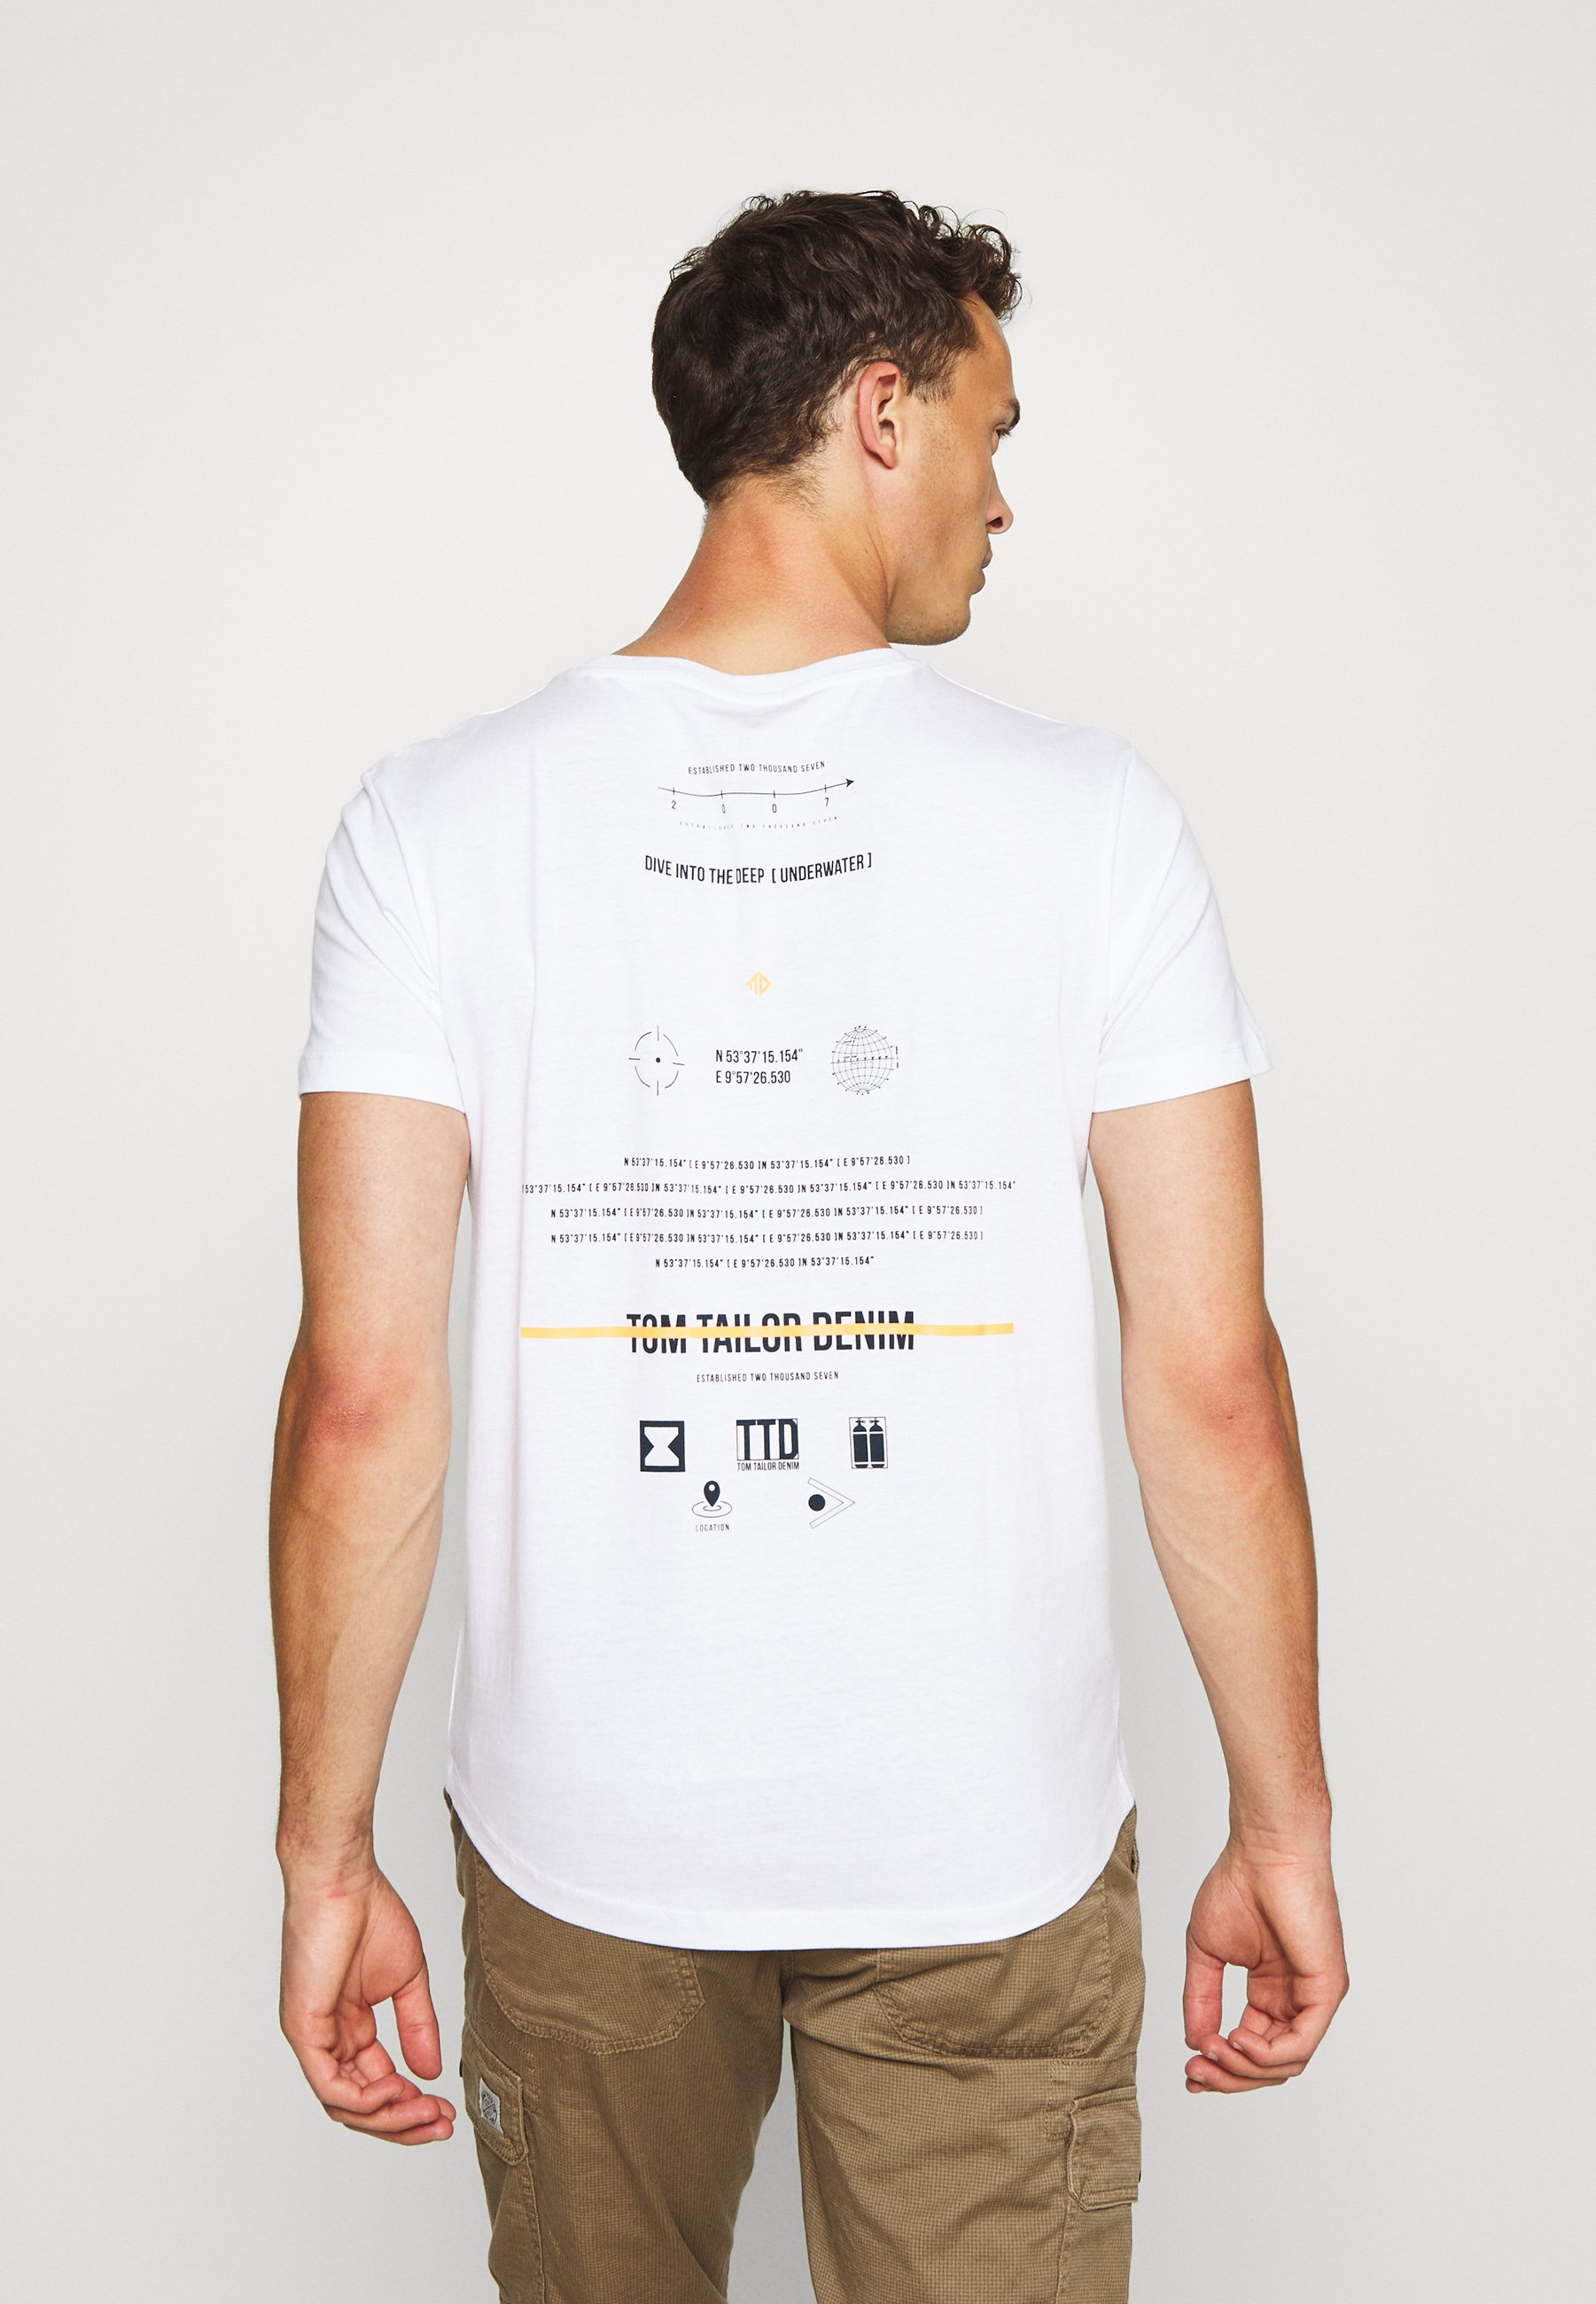 TOM TAILOR DENIM Print T-shirt - white g0sLj